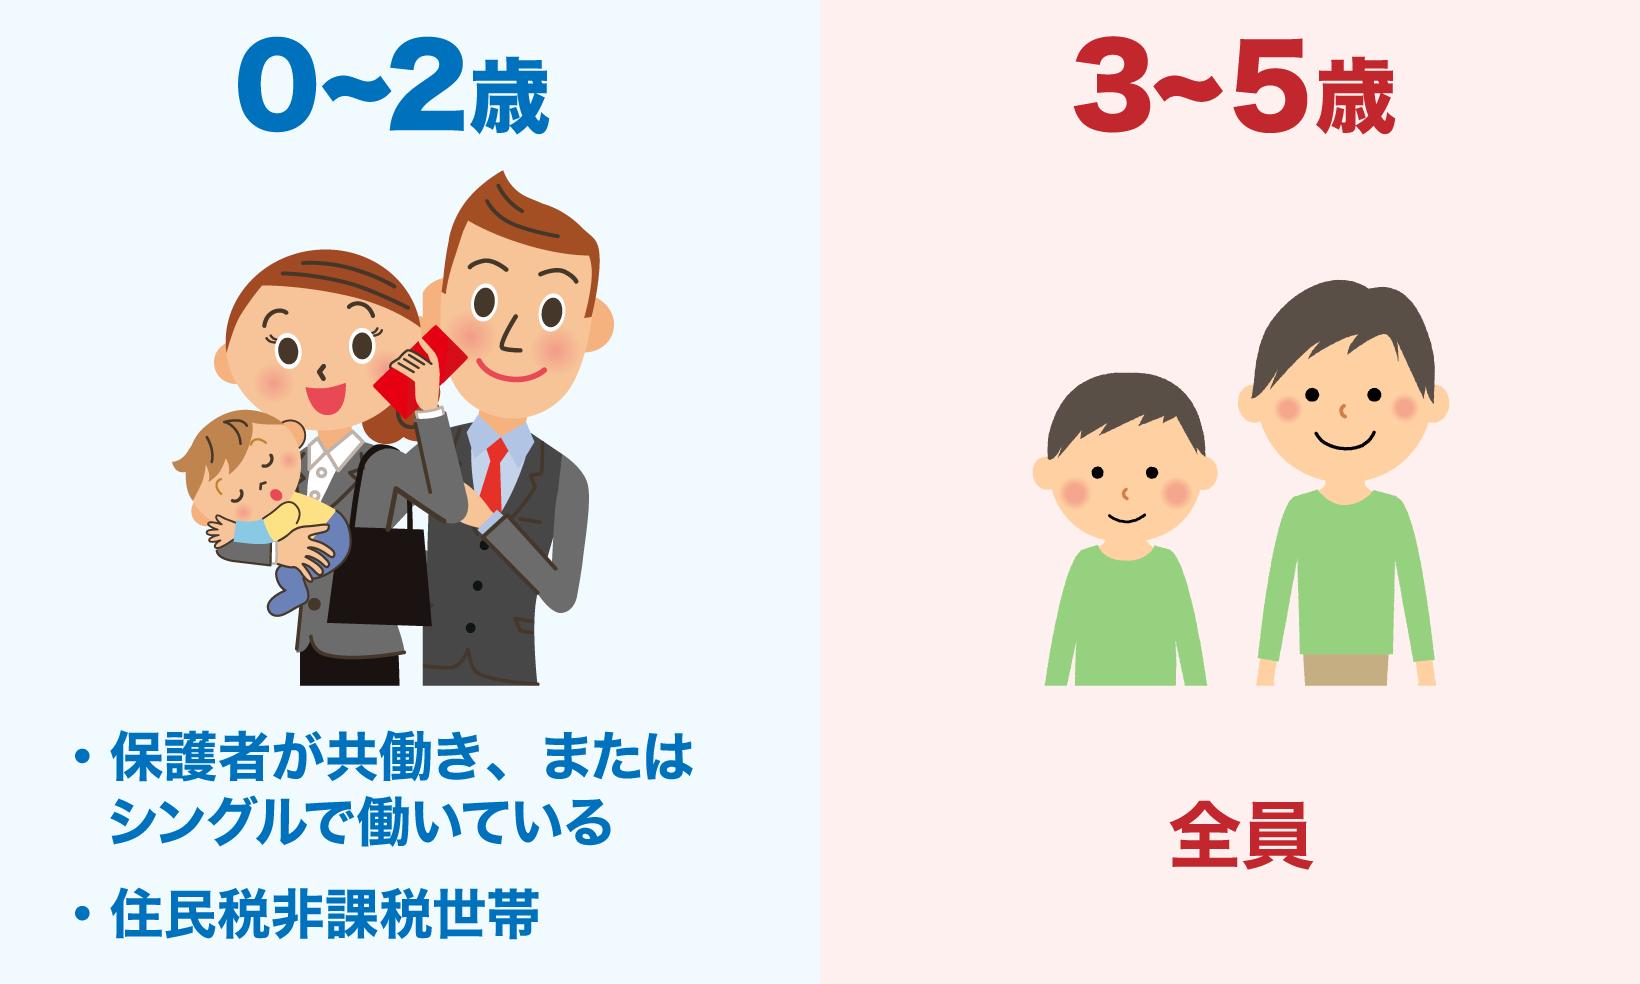 保育料無償化の対象となるのは、0~2歳児は住民税が非課税となる世帯かつ保育の必要性が認められる子どもで、3~5歳児は全員